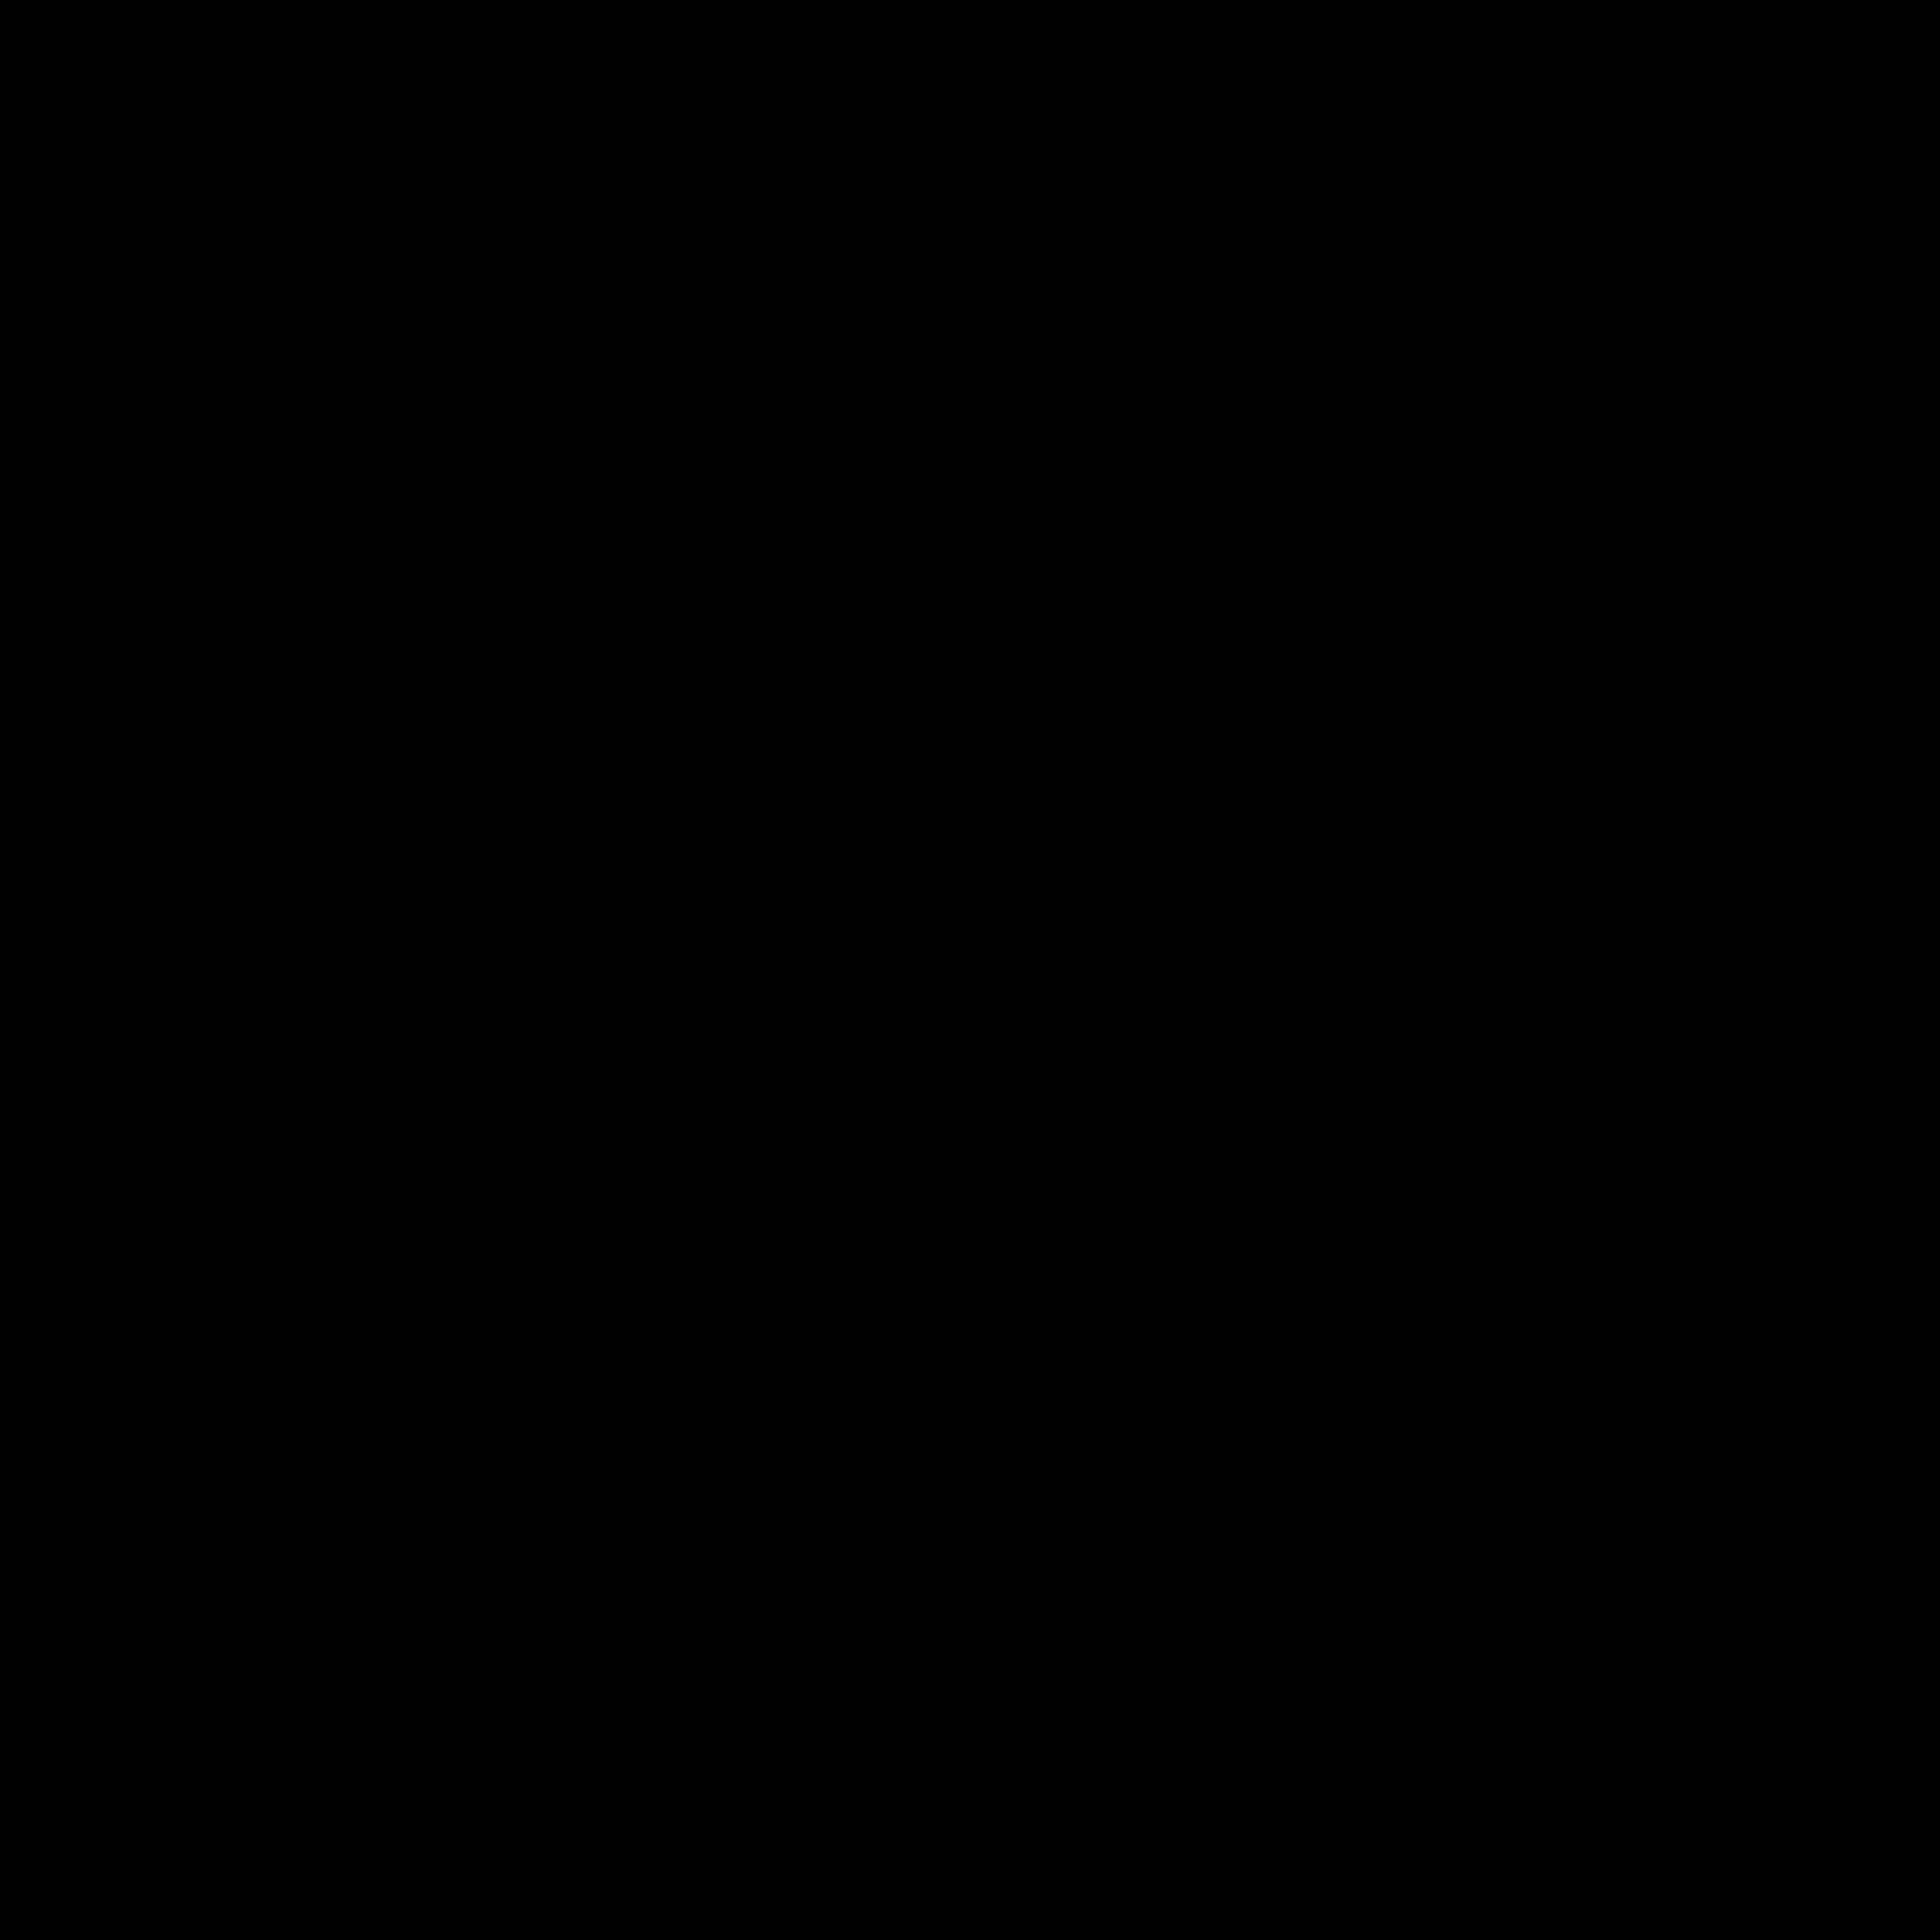 Villeroy & boch Bianconero tegelvloerstrook 15x90 cm, doos